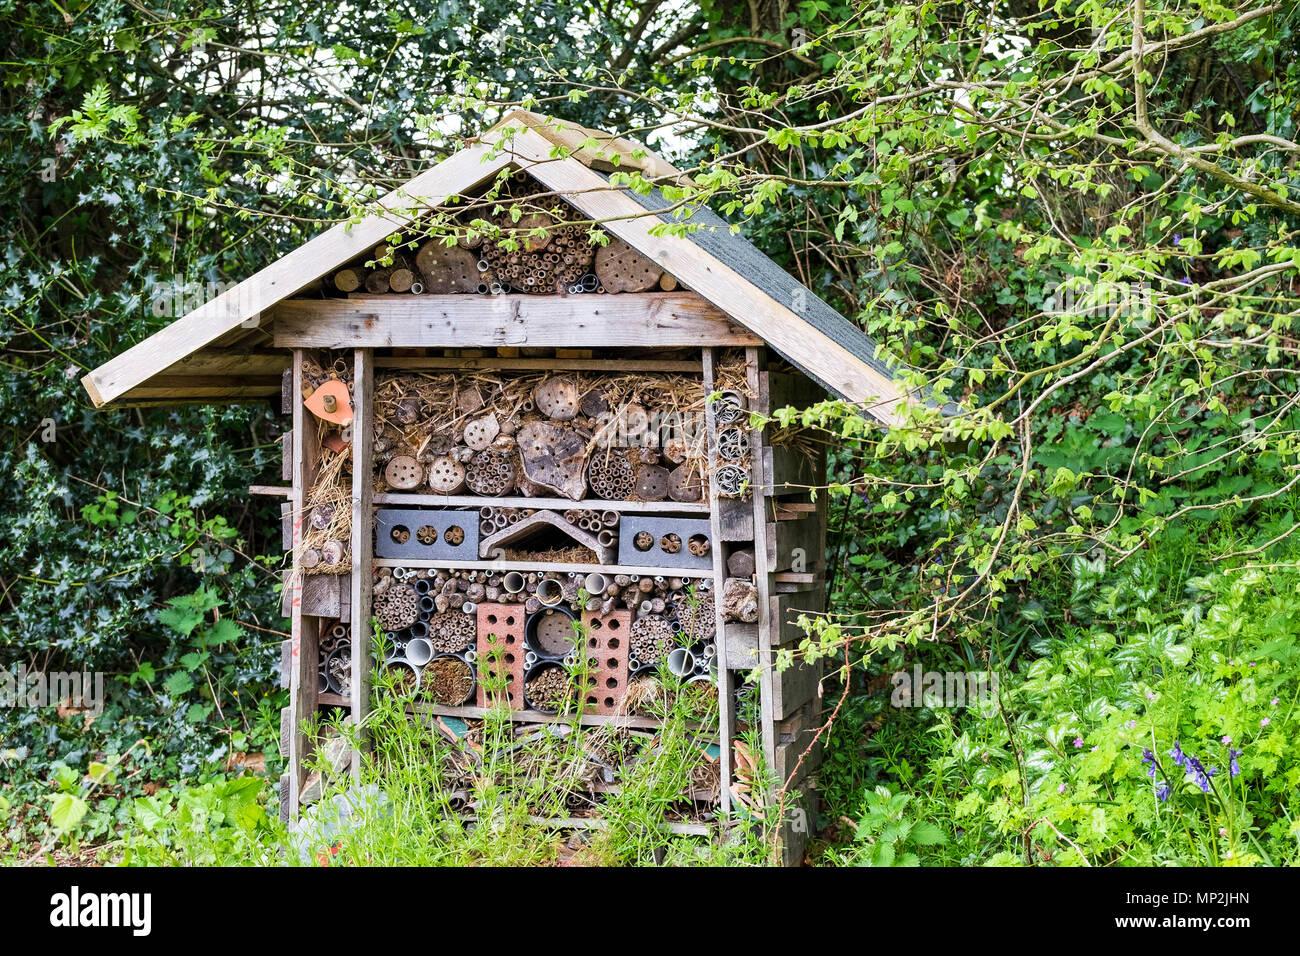 Un bug hotel construido para alentar a los insectos y bichos. Imagen De Stock